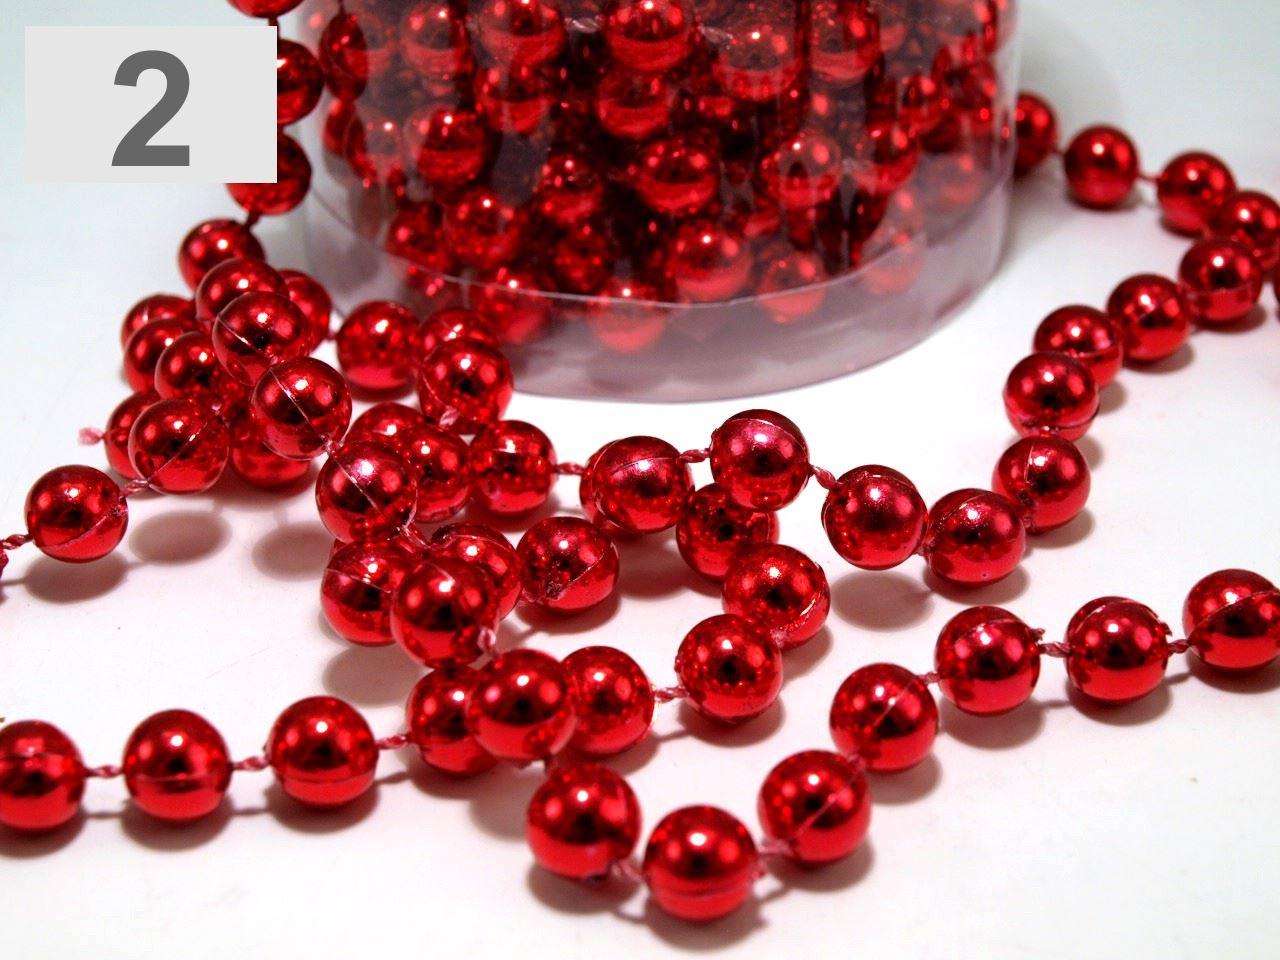 24-FT-environ-7-32-m-8-M-perle-boule-chaine-Guirlande-Arbre-de-Noel-Suspendu-Decorations-de-Noel miniature 6